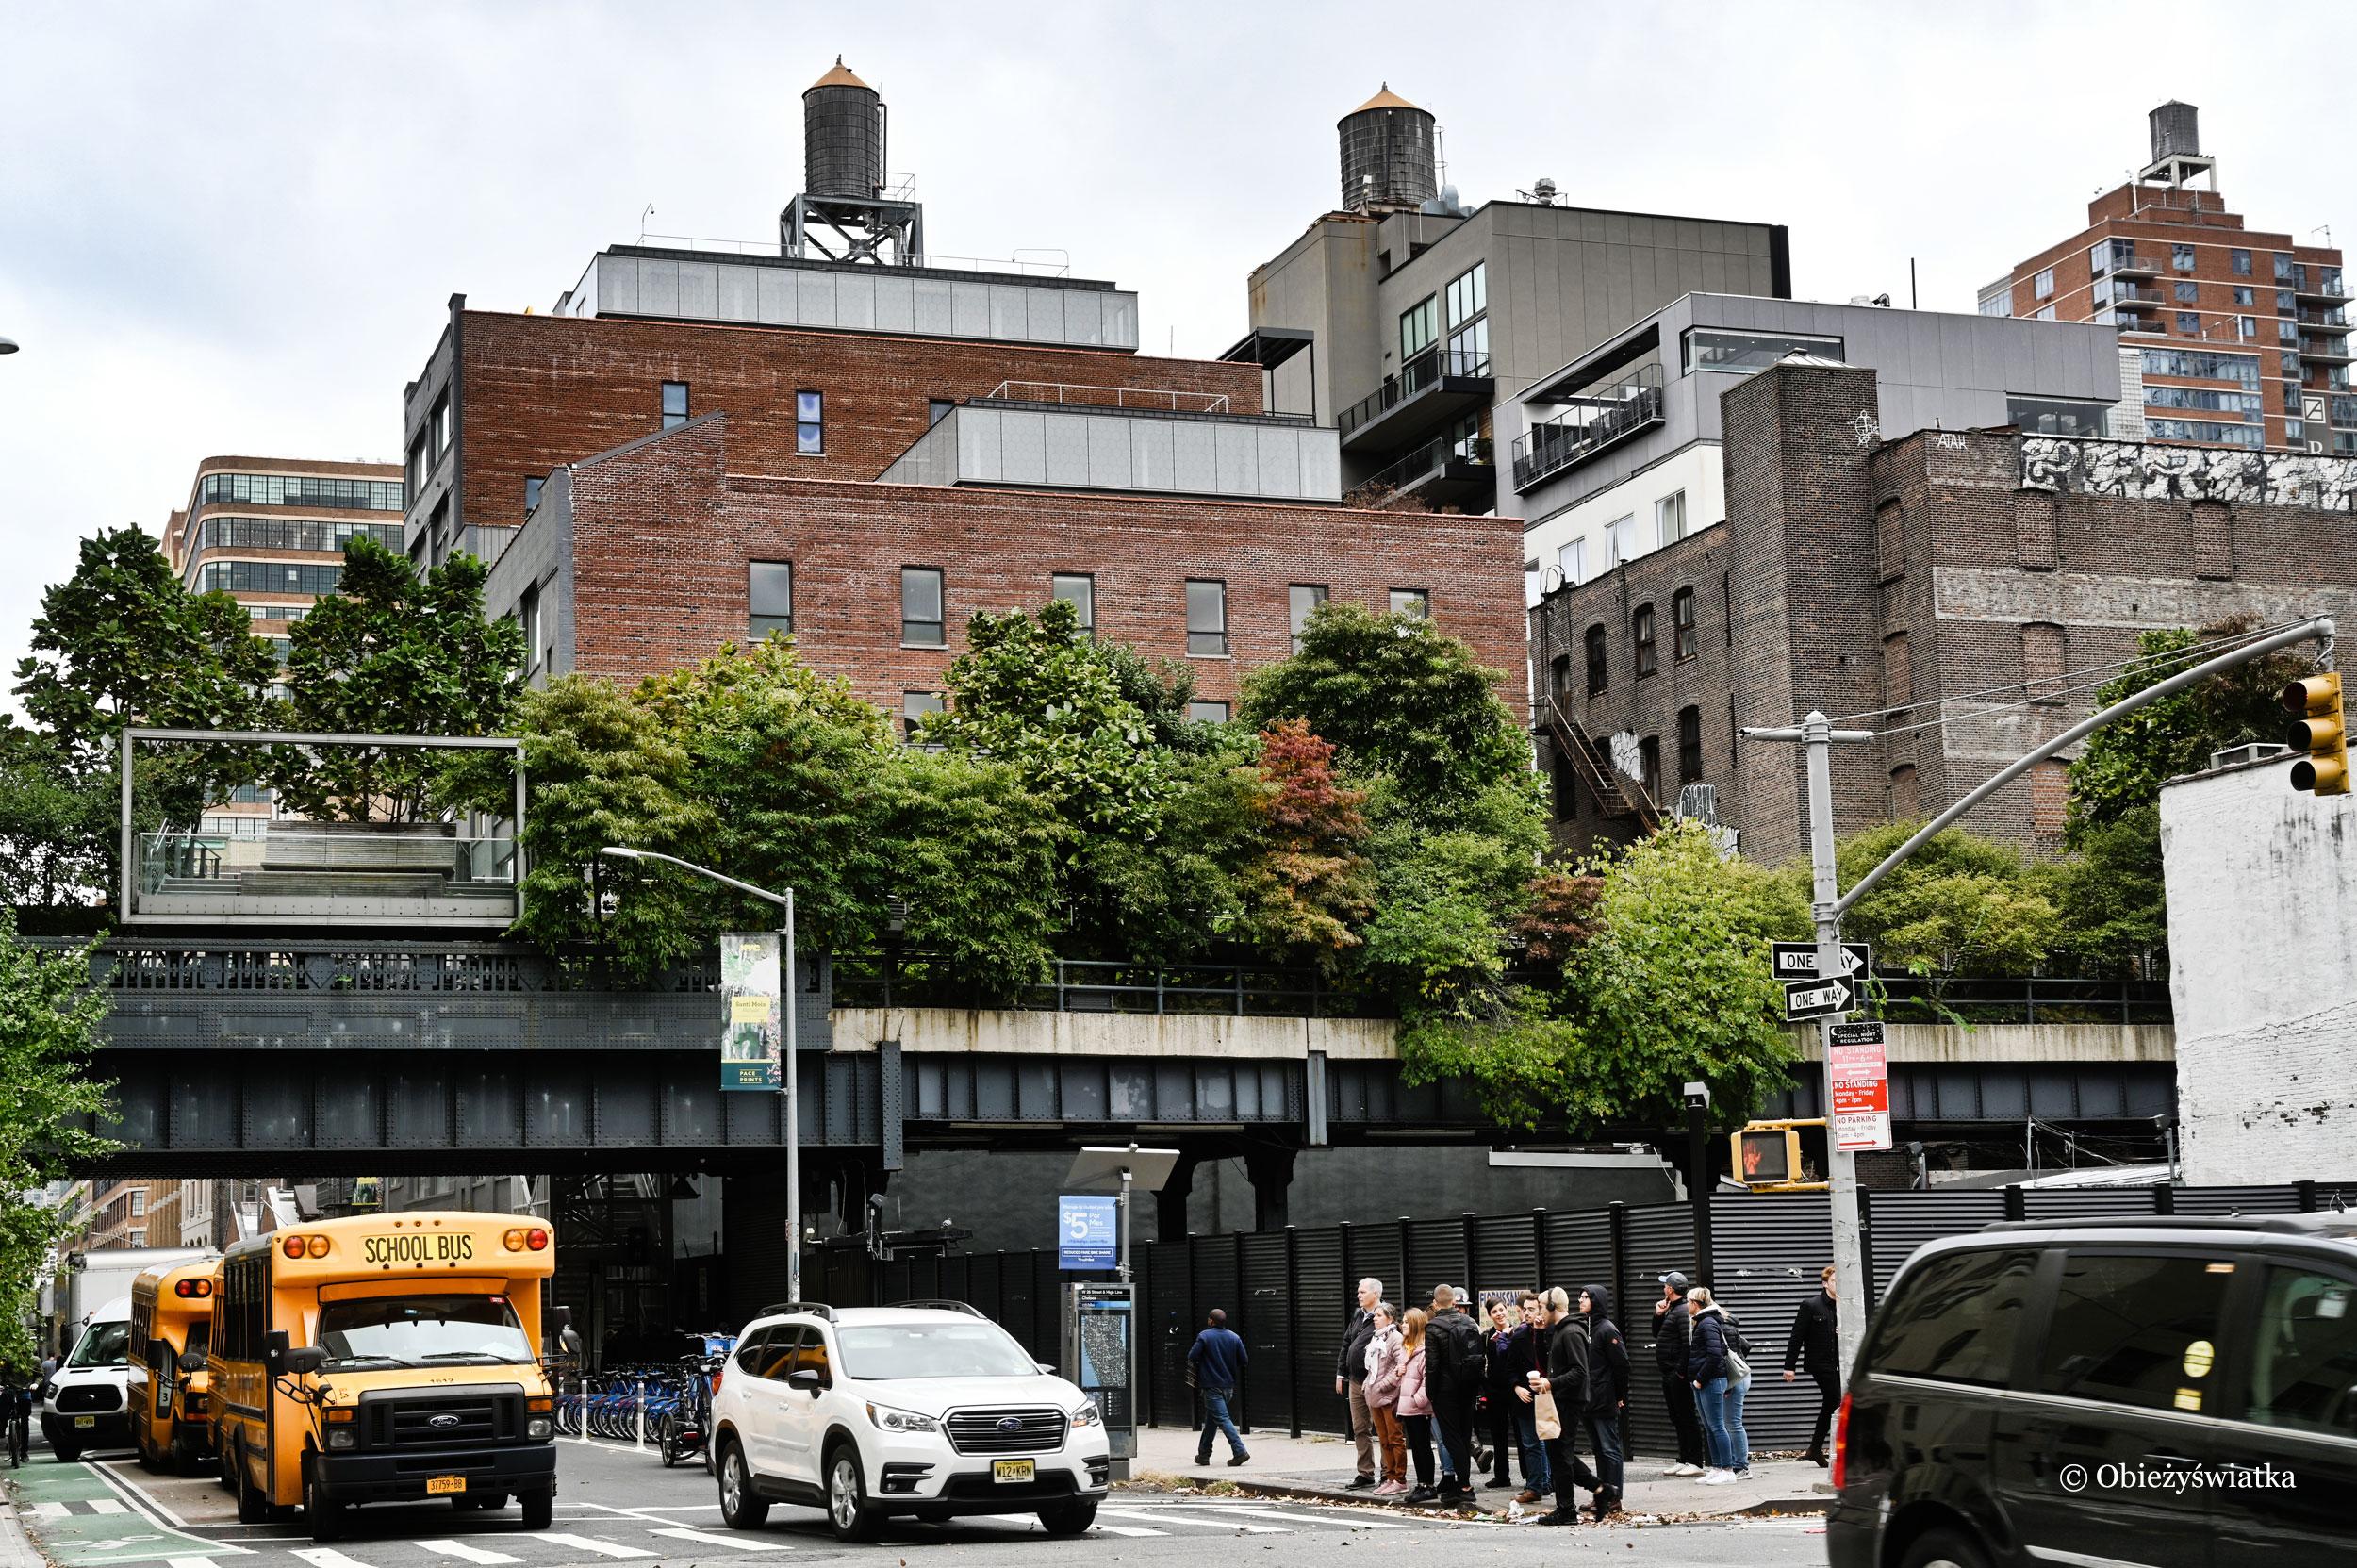 The High Line widziany z ulicy, Nowy Jork